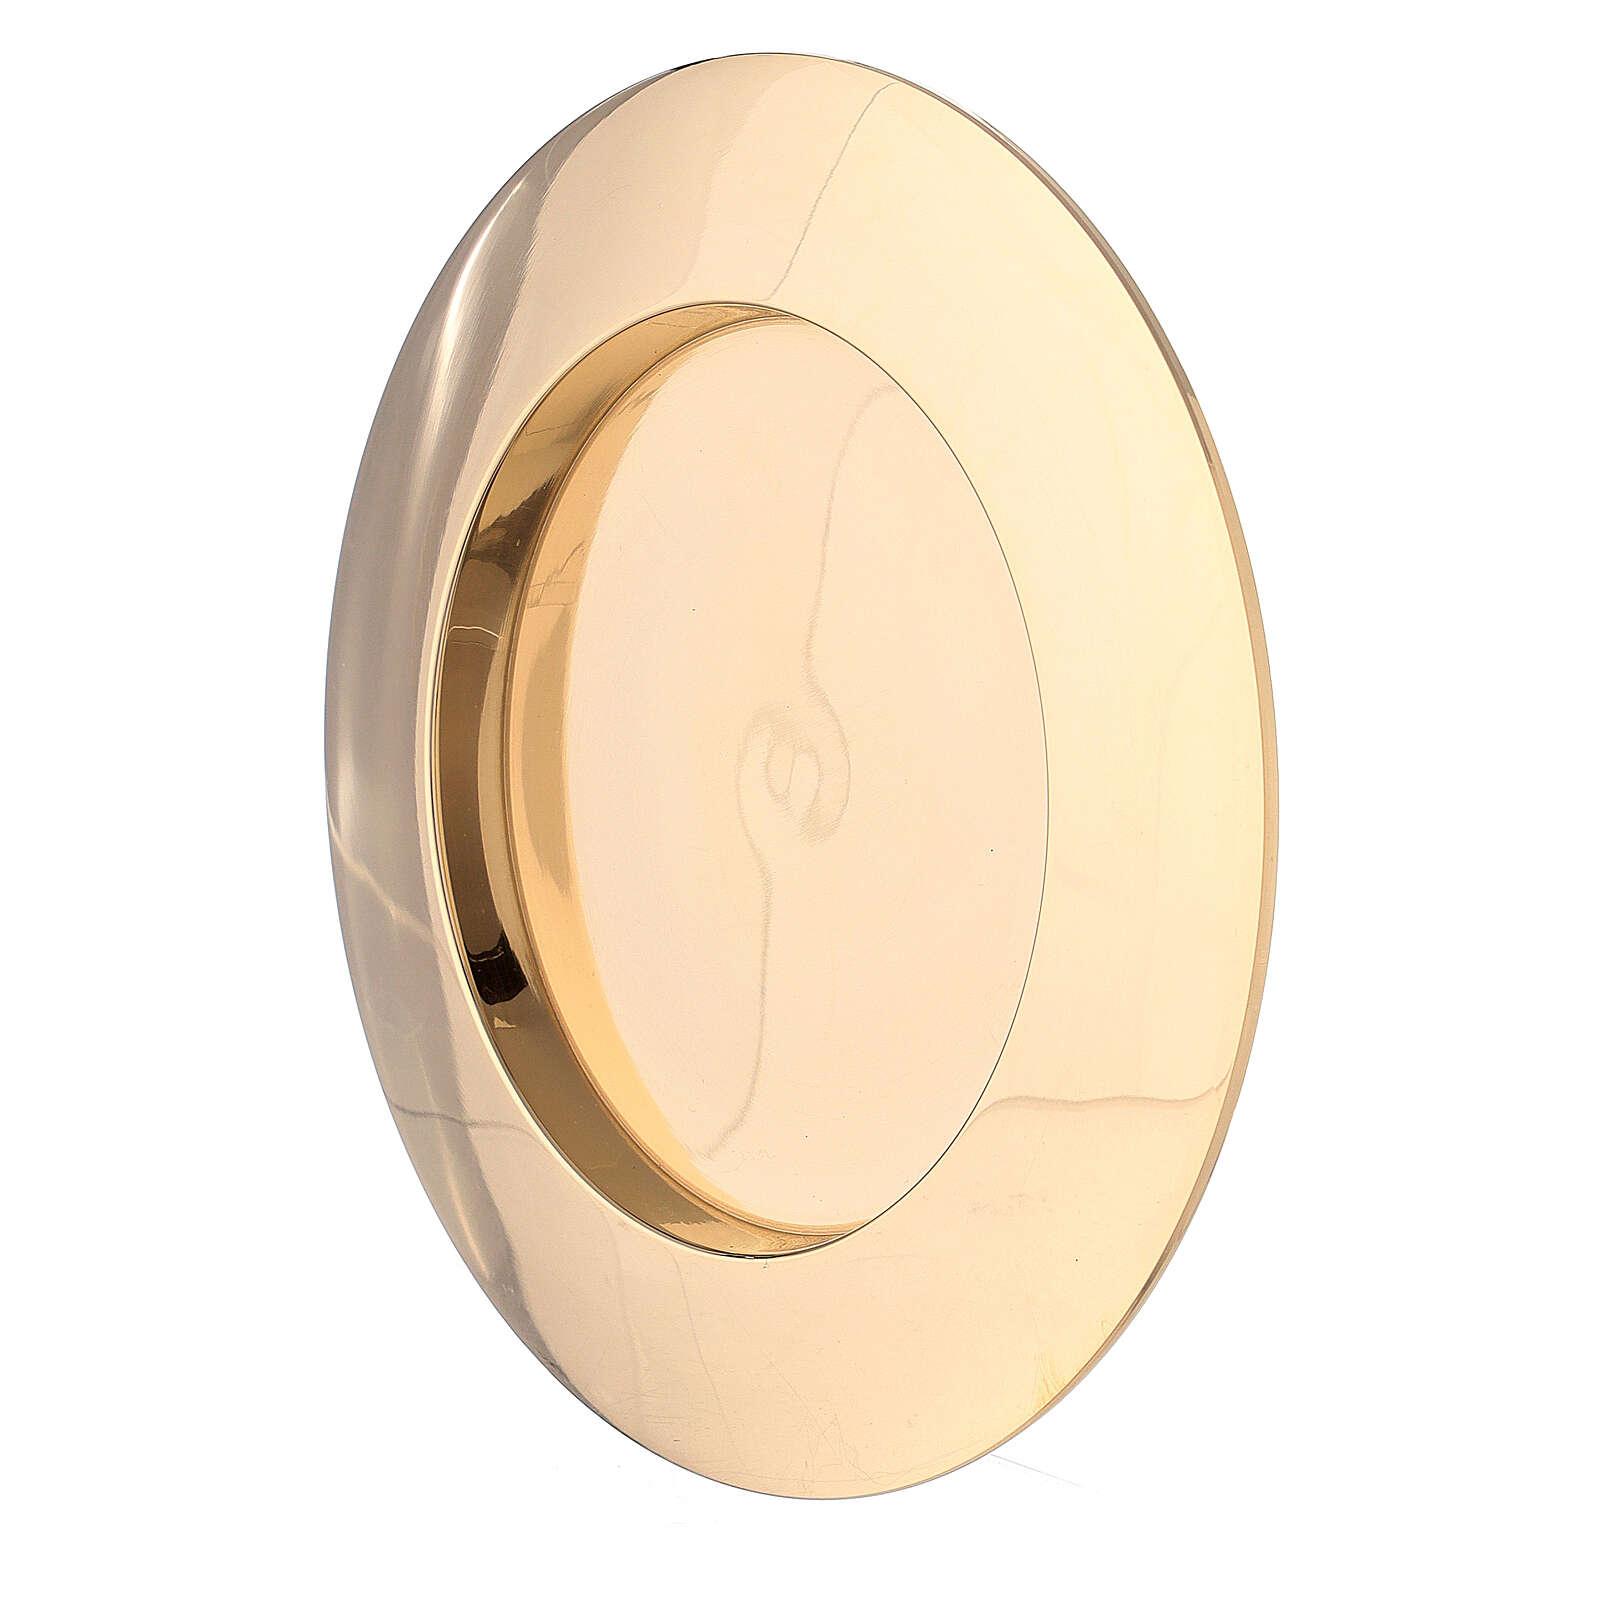 Piatto portacandela incavo ottone dorato 8 cm 4